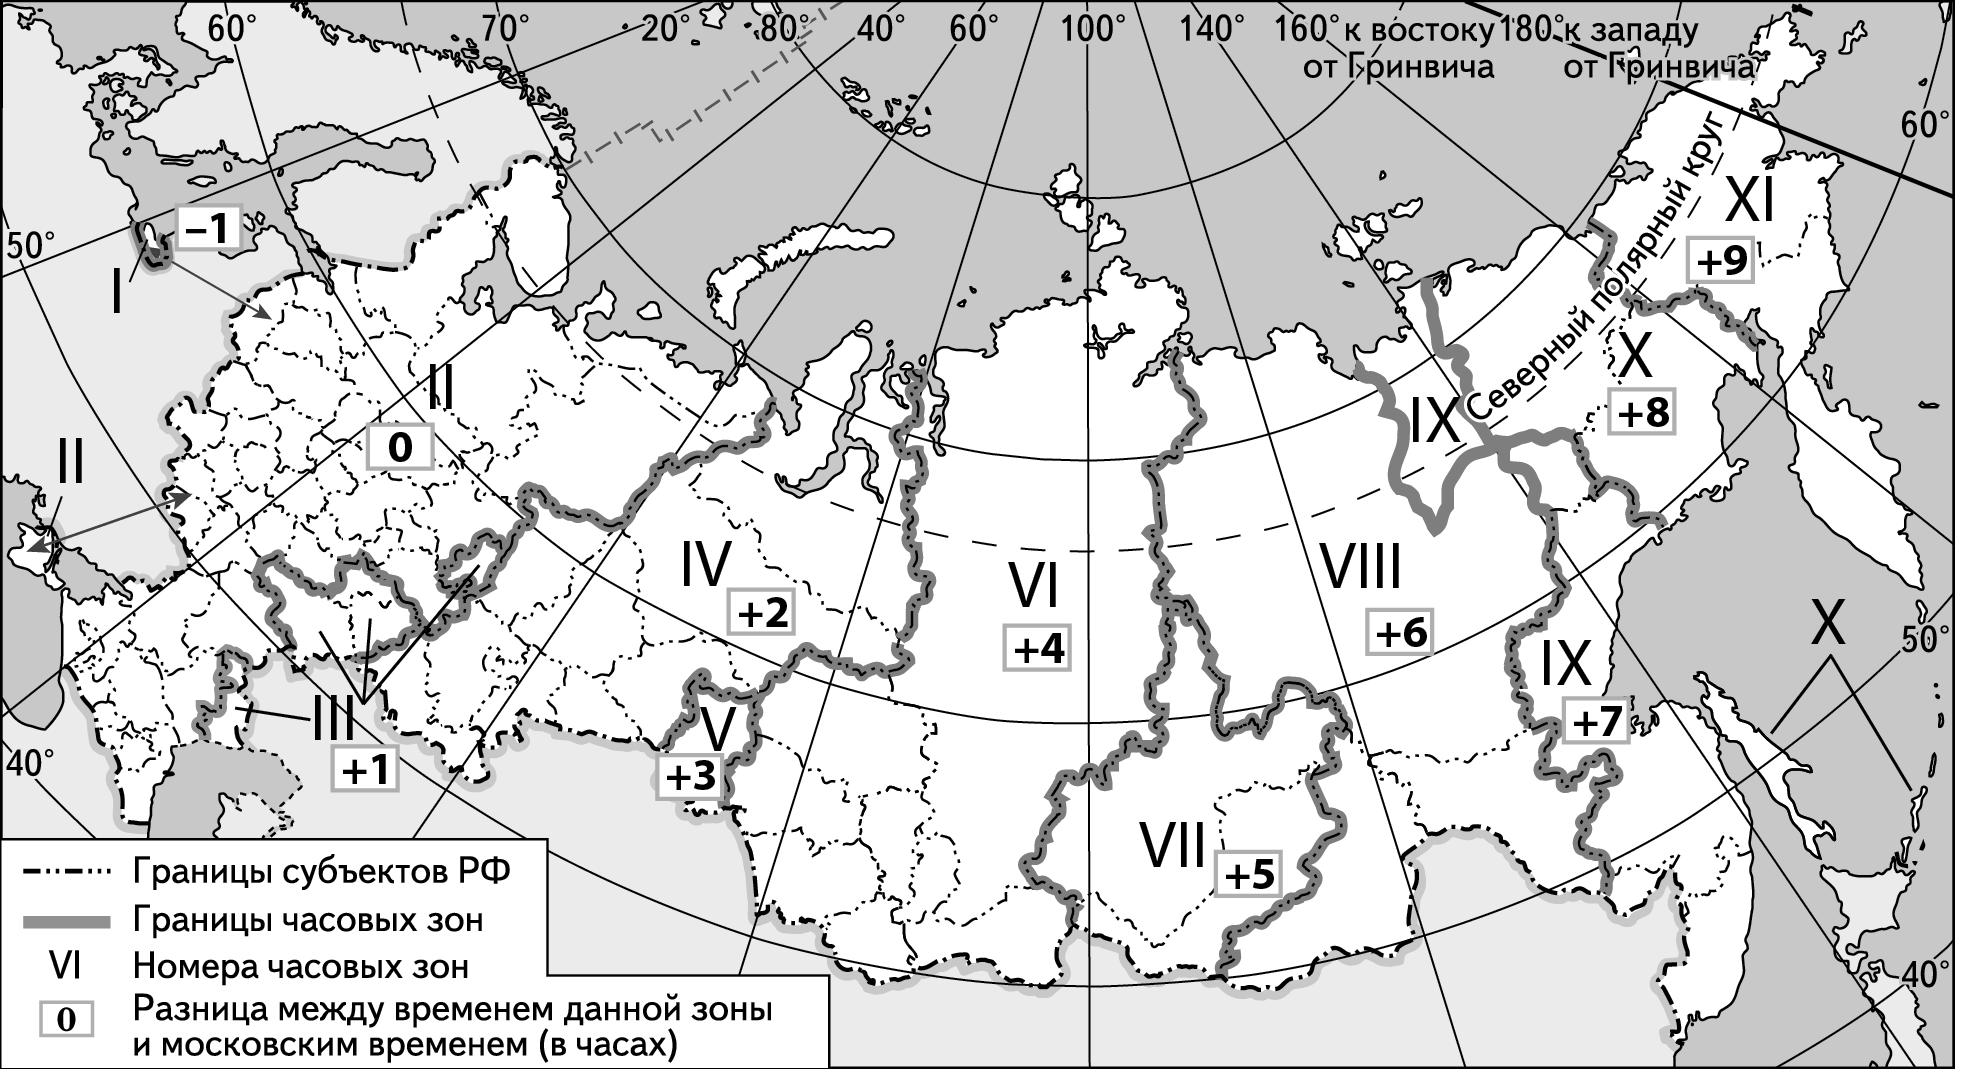 В соответствии с Законом о возврате к «зимнему» времени с ... октября ... г. на территории страны установлено ... часовых зон (см. карту). Исходным при исчислении местного времени часовых зон служит московское время – время ... часовой зоны.